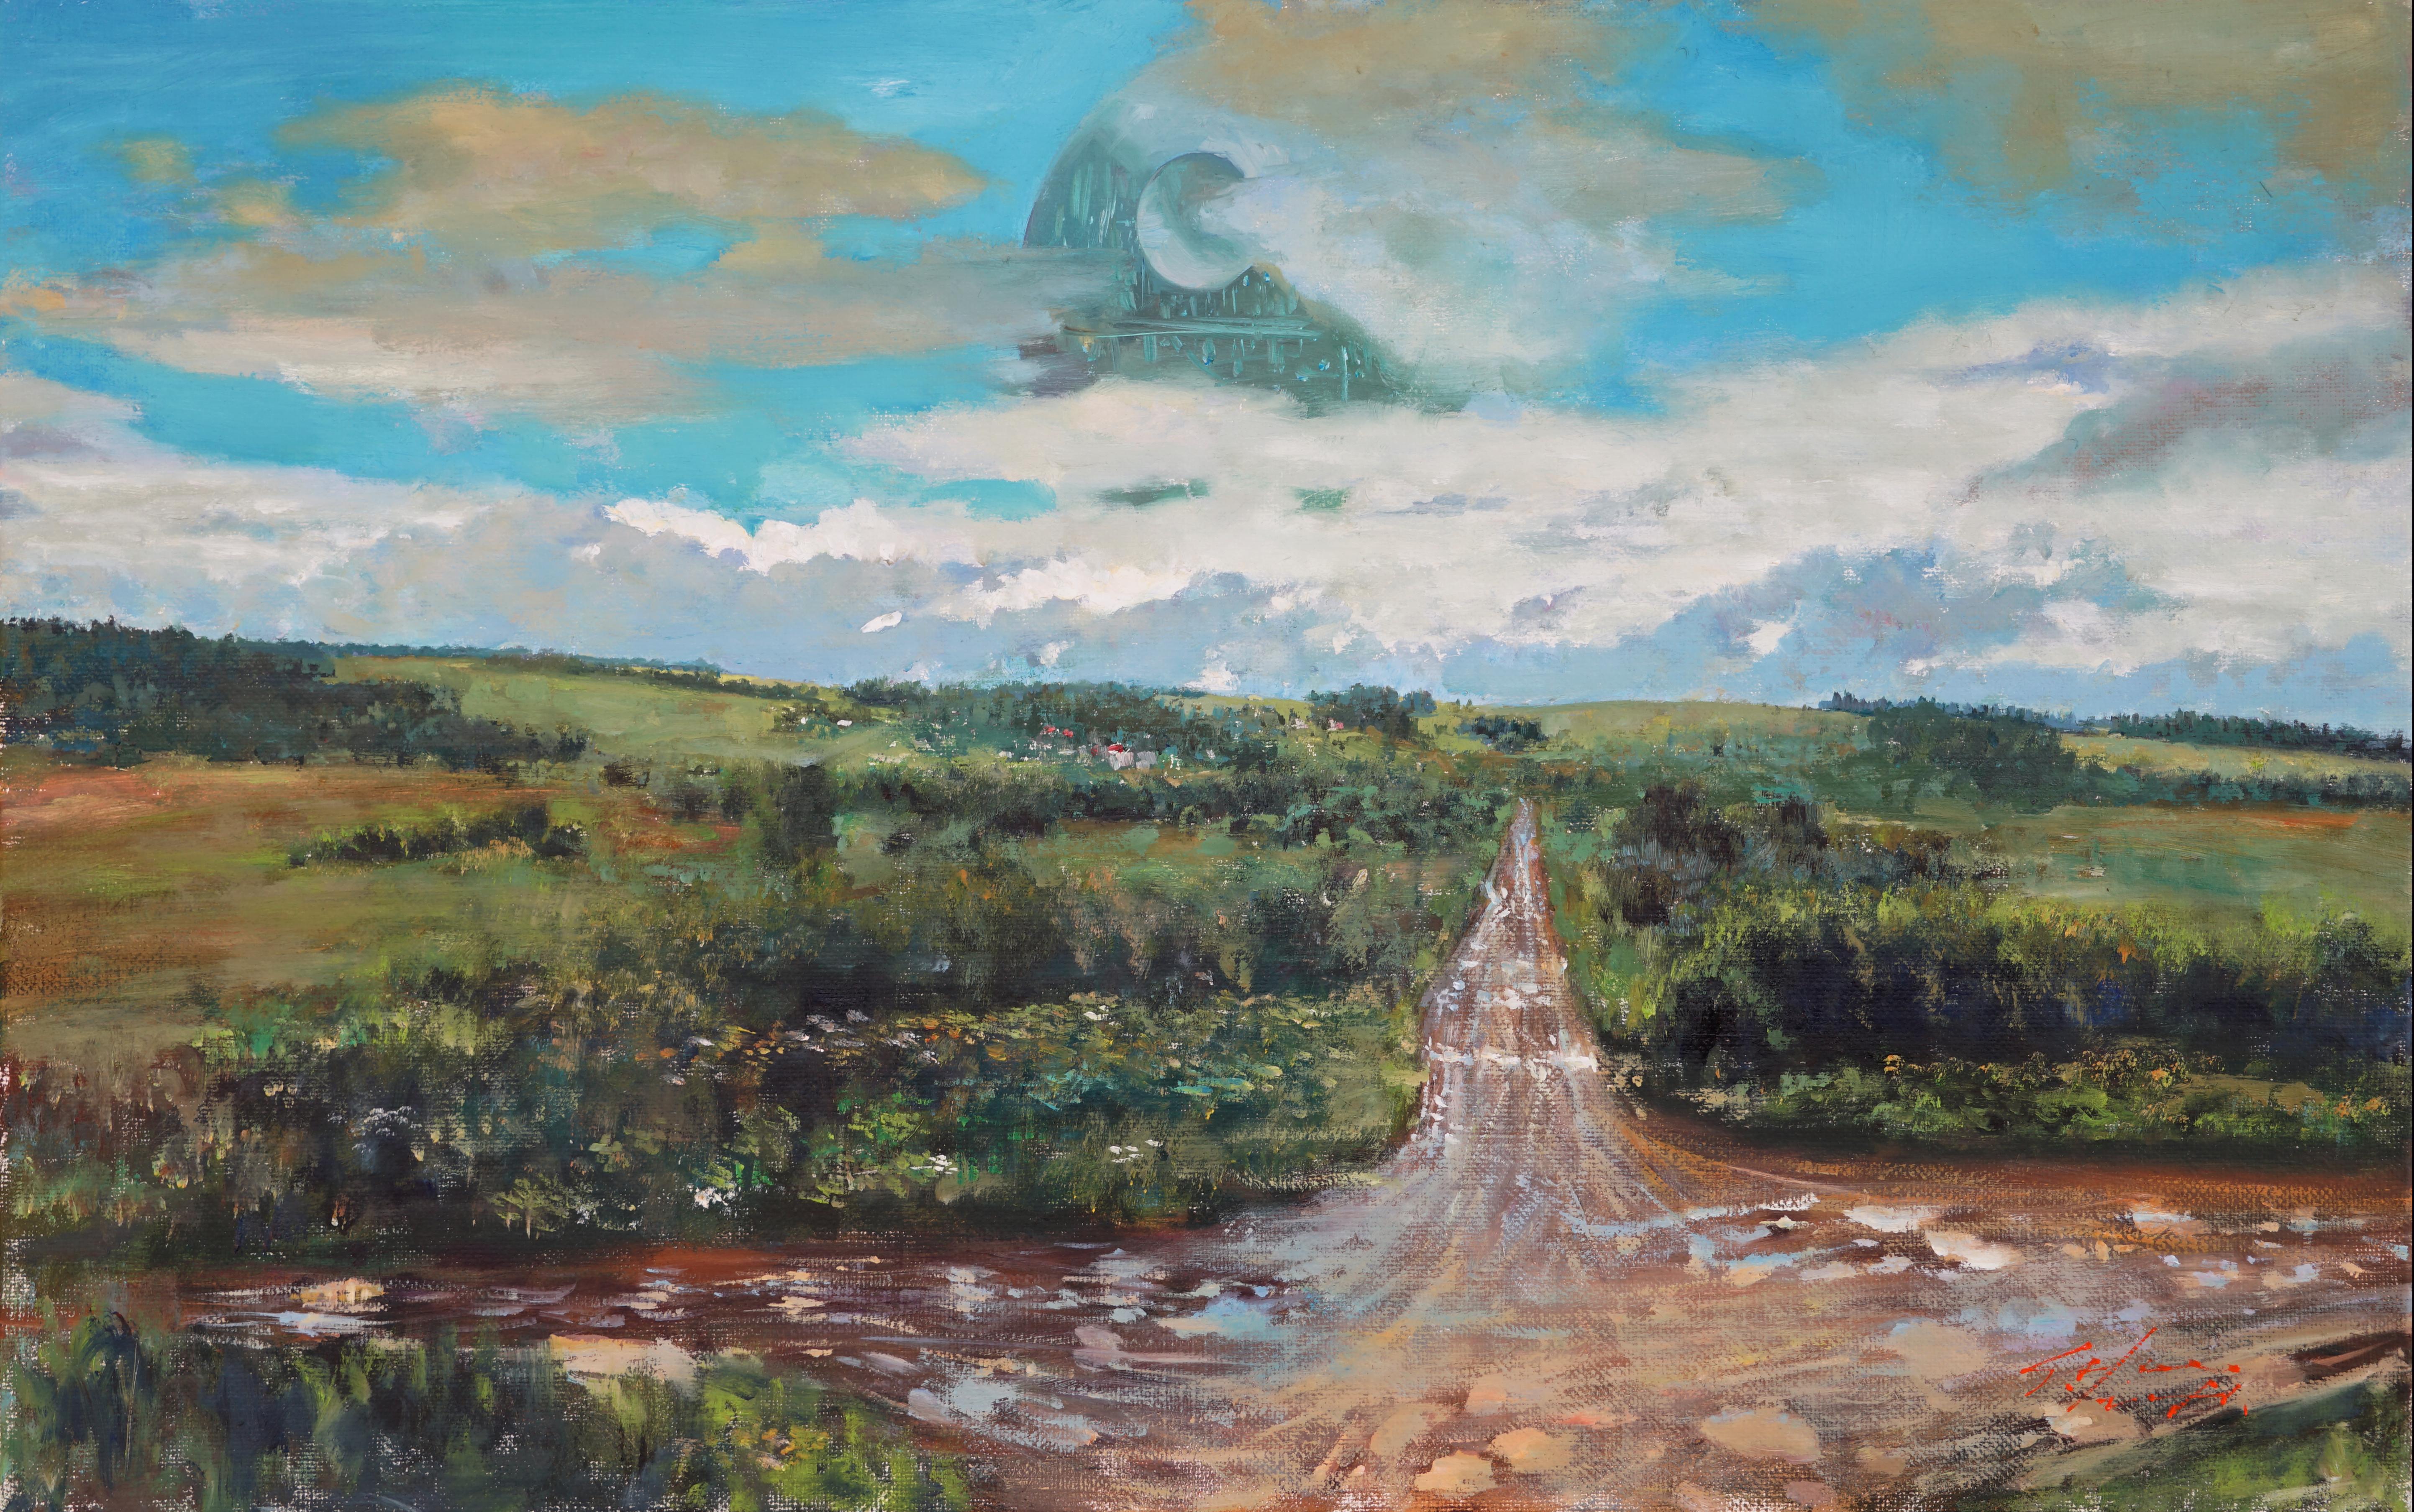 비 갠 하늘 53x33.4 Oil on canvas 2016